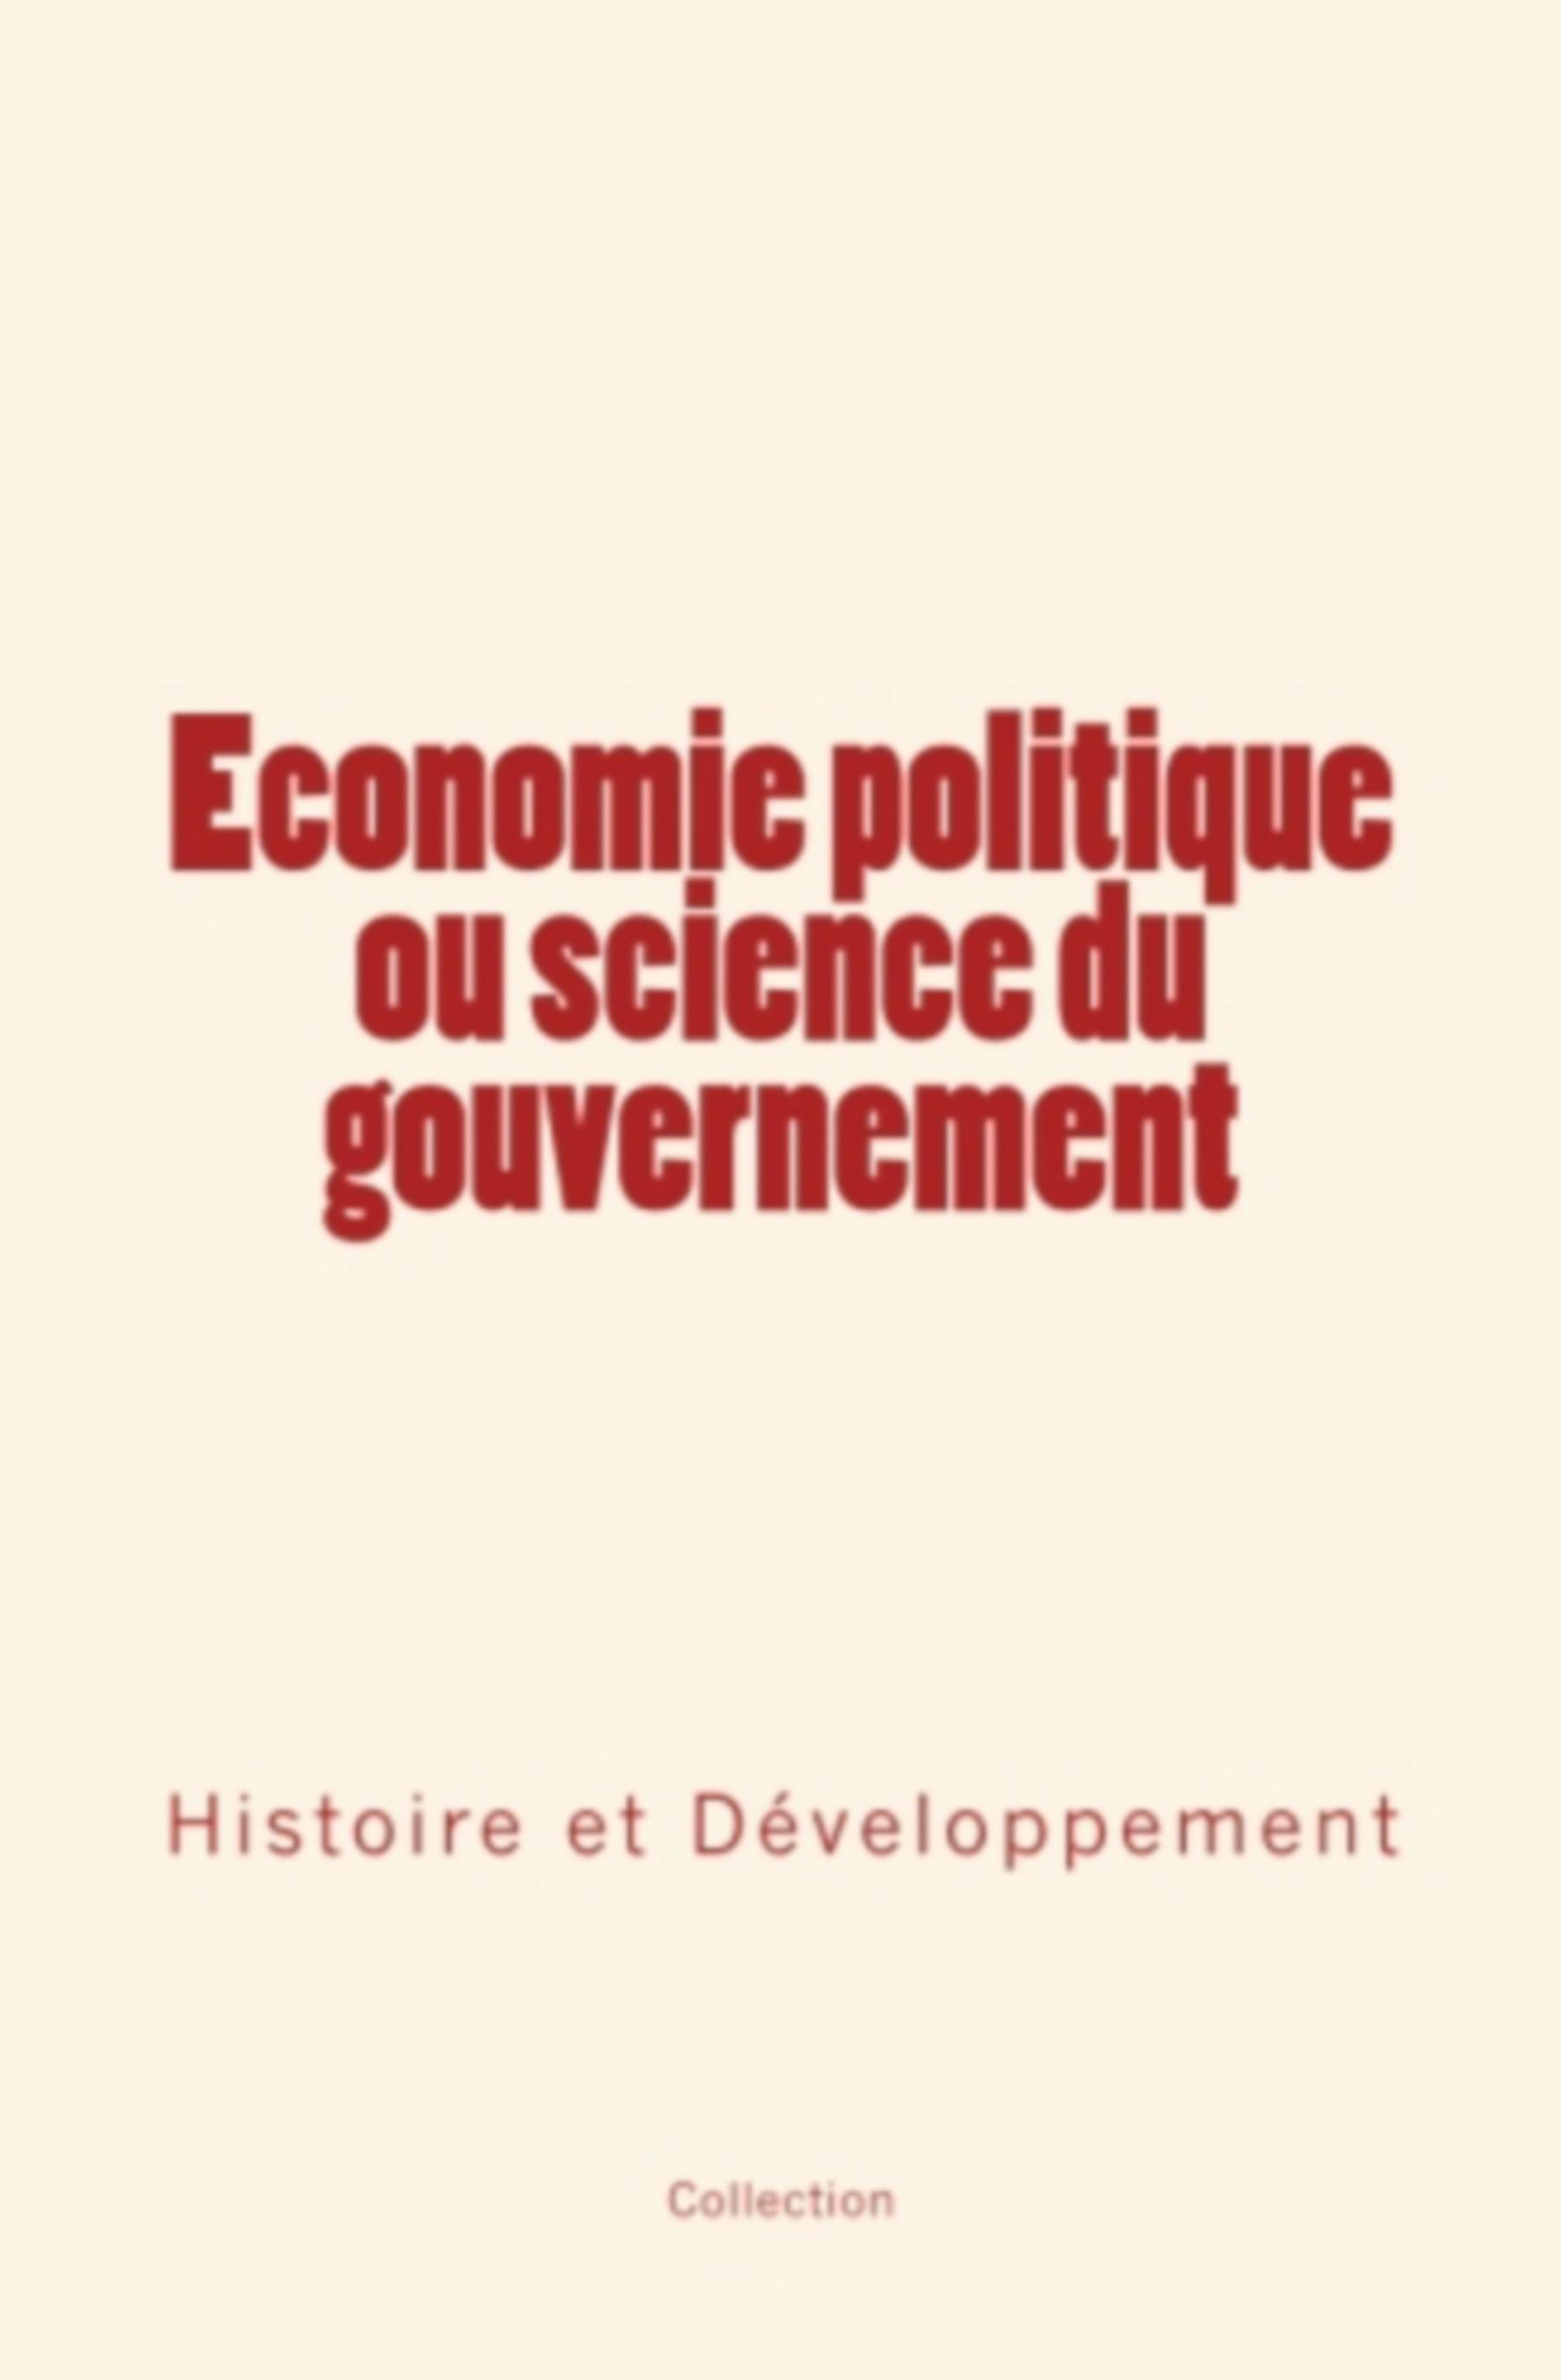 Economie politique ou science du gouvernement